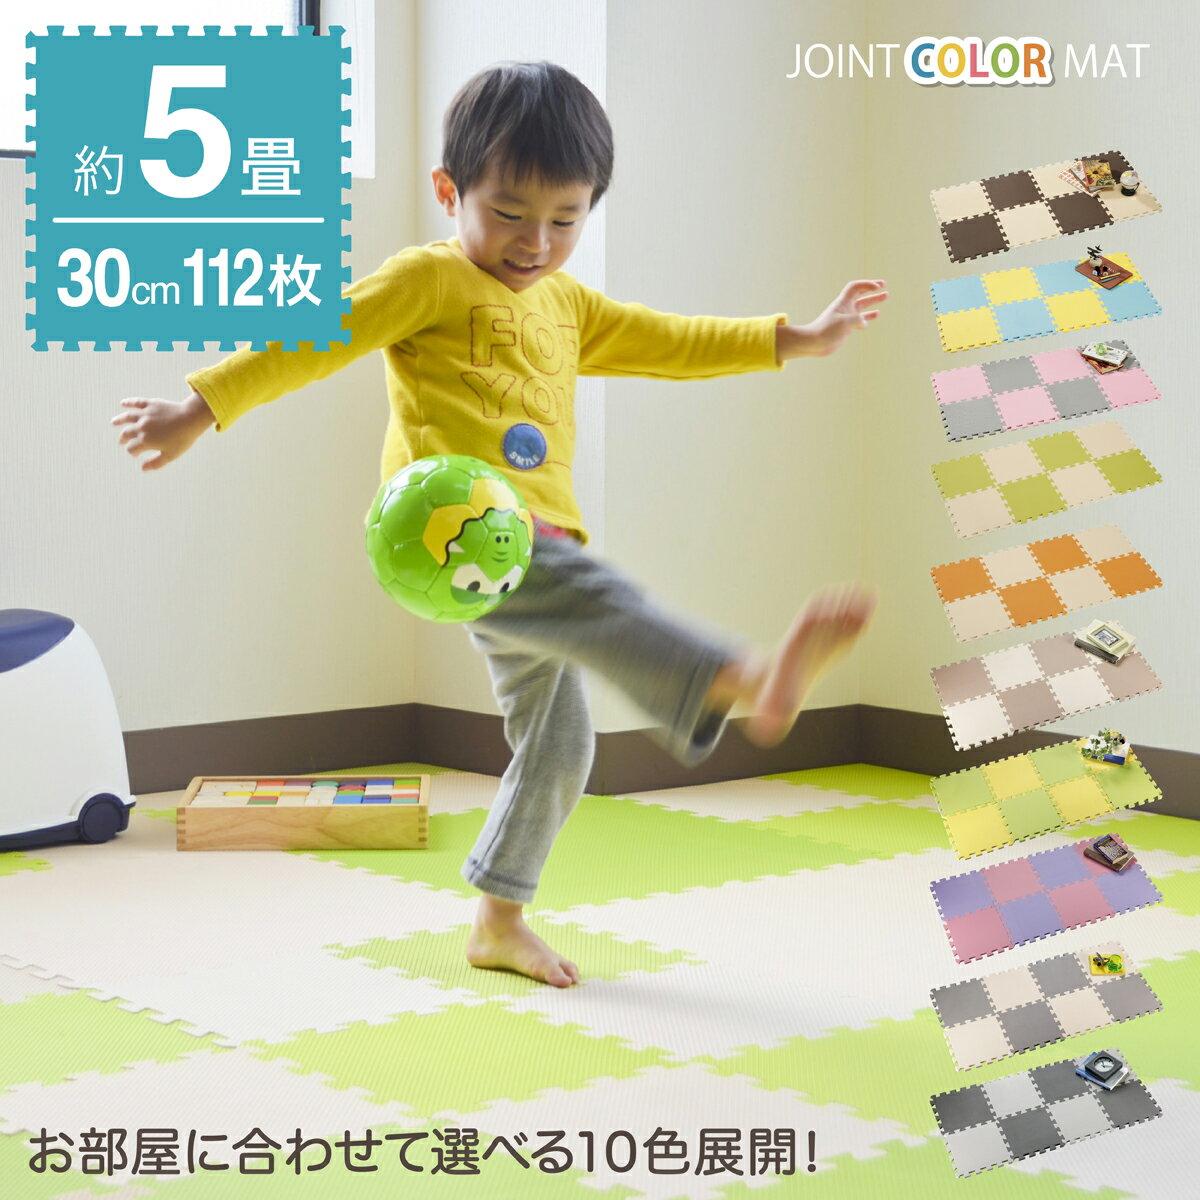 【 5畳 】 ジョイントマット カラー 112枚組 30×30cmカラーマット クッション プレイ くみあわせ 組み合わせ フロア ベビー 赤ちゃん エクササイズ おむつ替え ラグ ペット 洗える 防音対策 衝撃吸収 床暖房対応